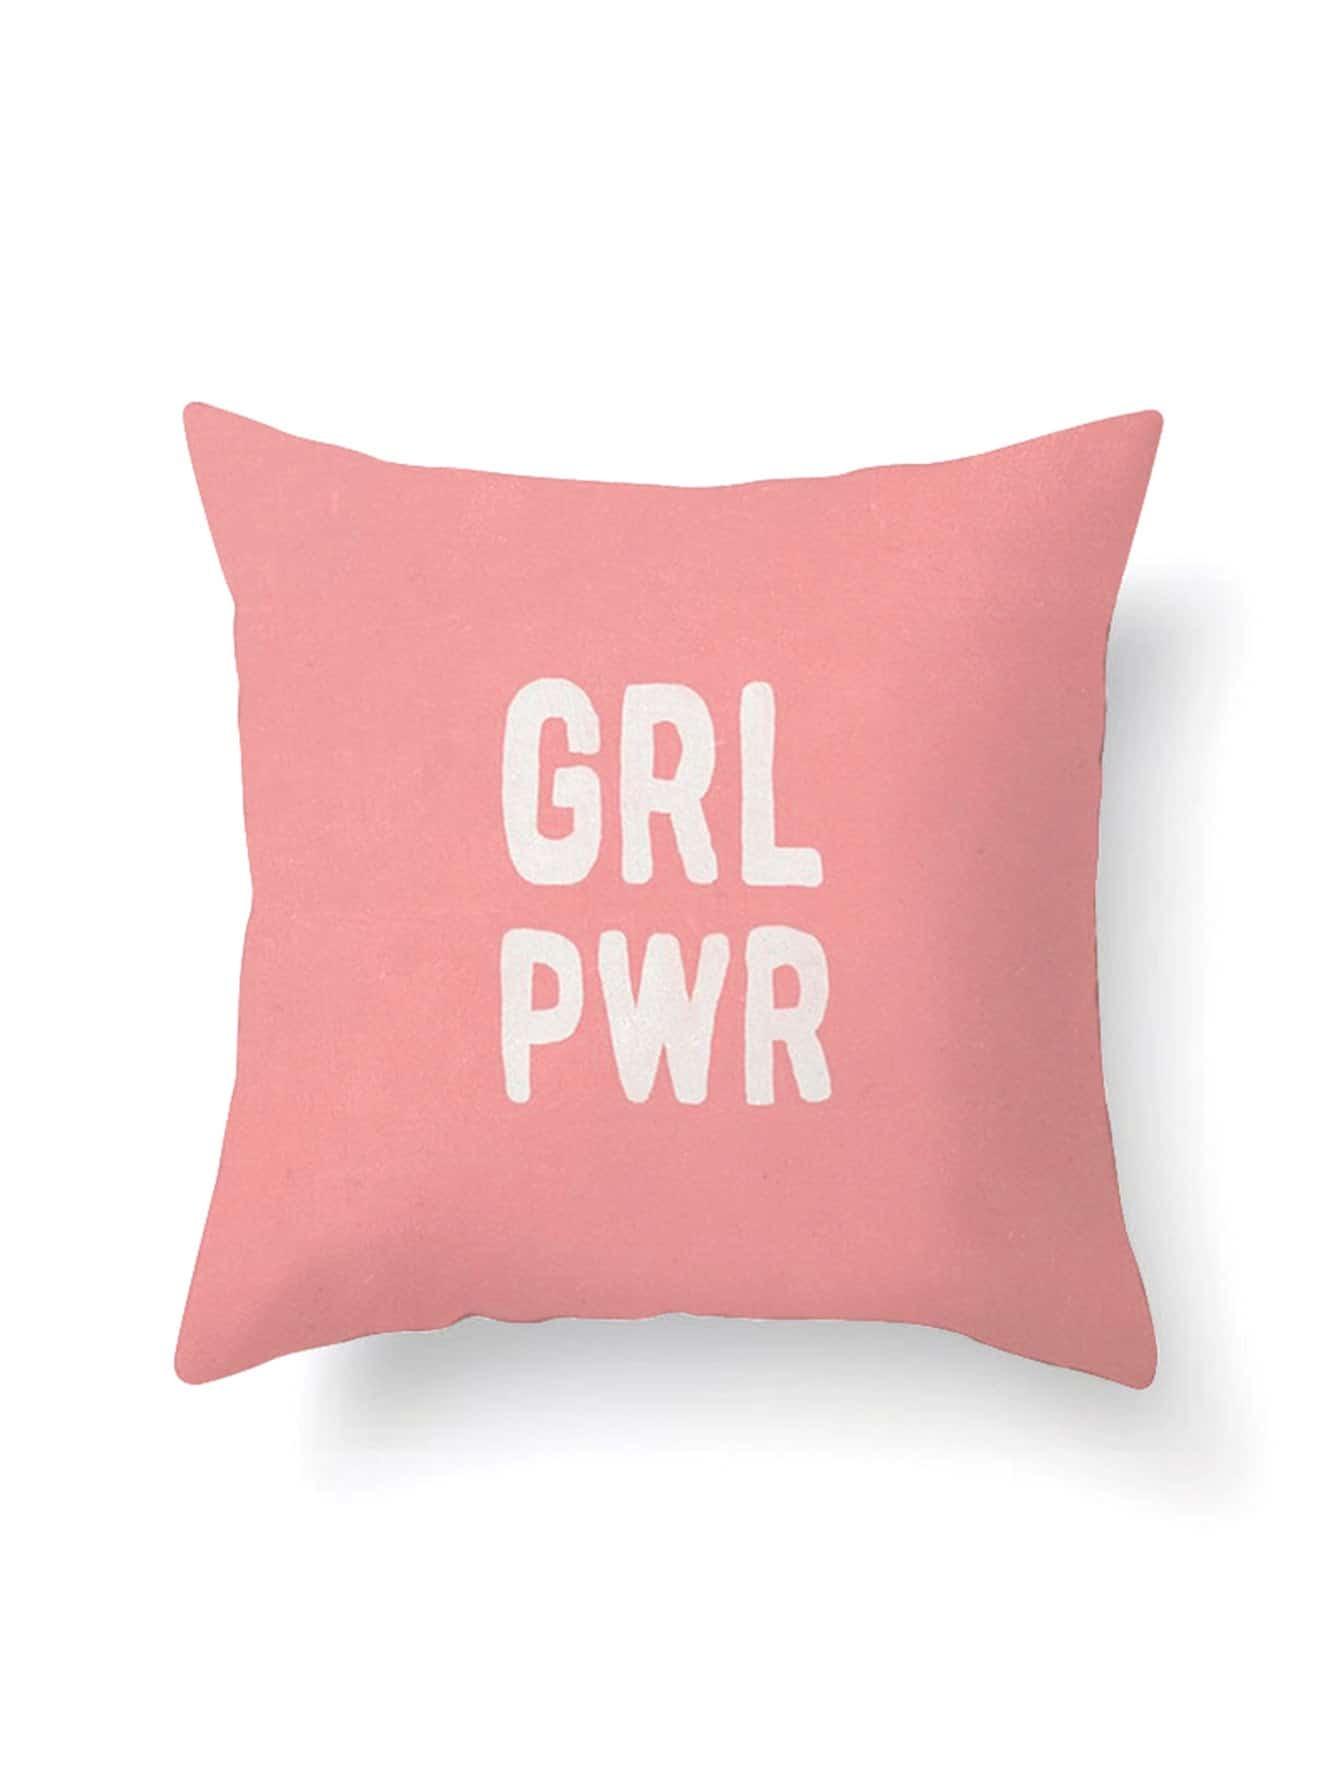 Letter Print Pillowcase Cover